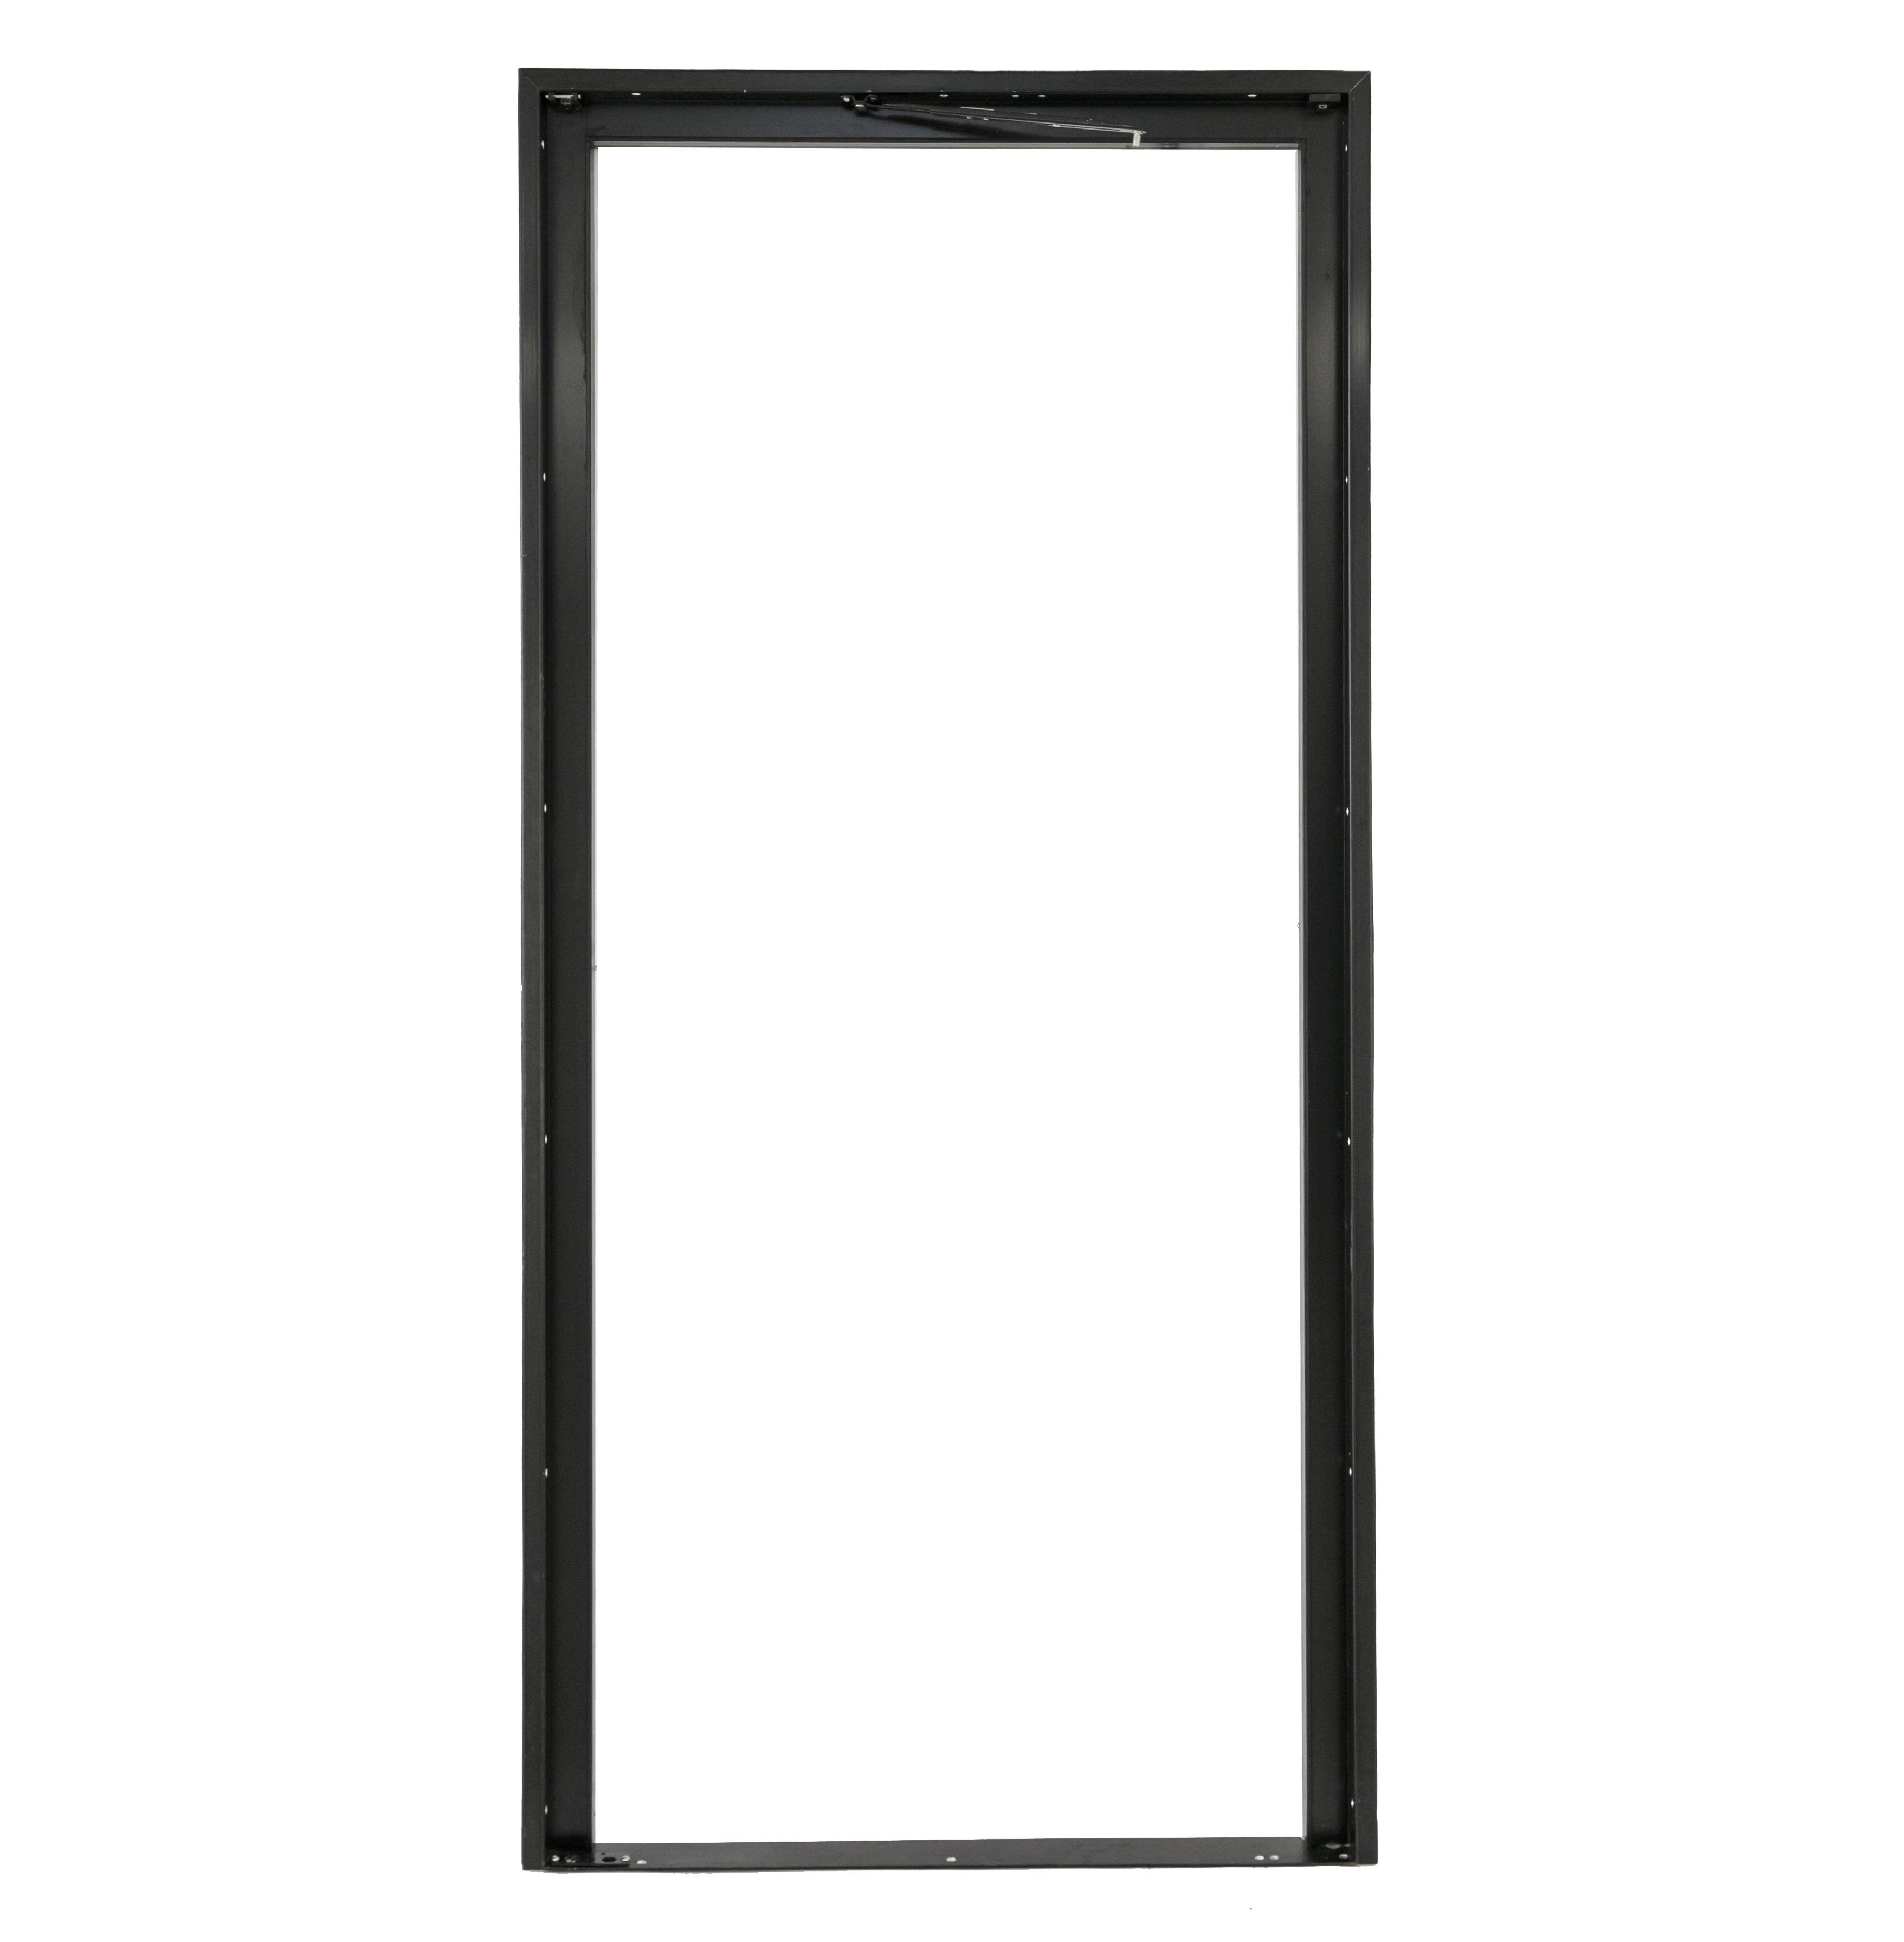 1 door frame_sq